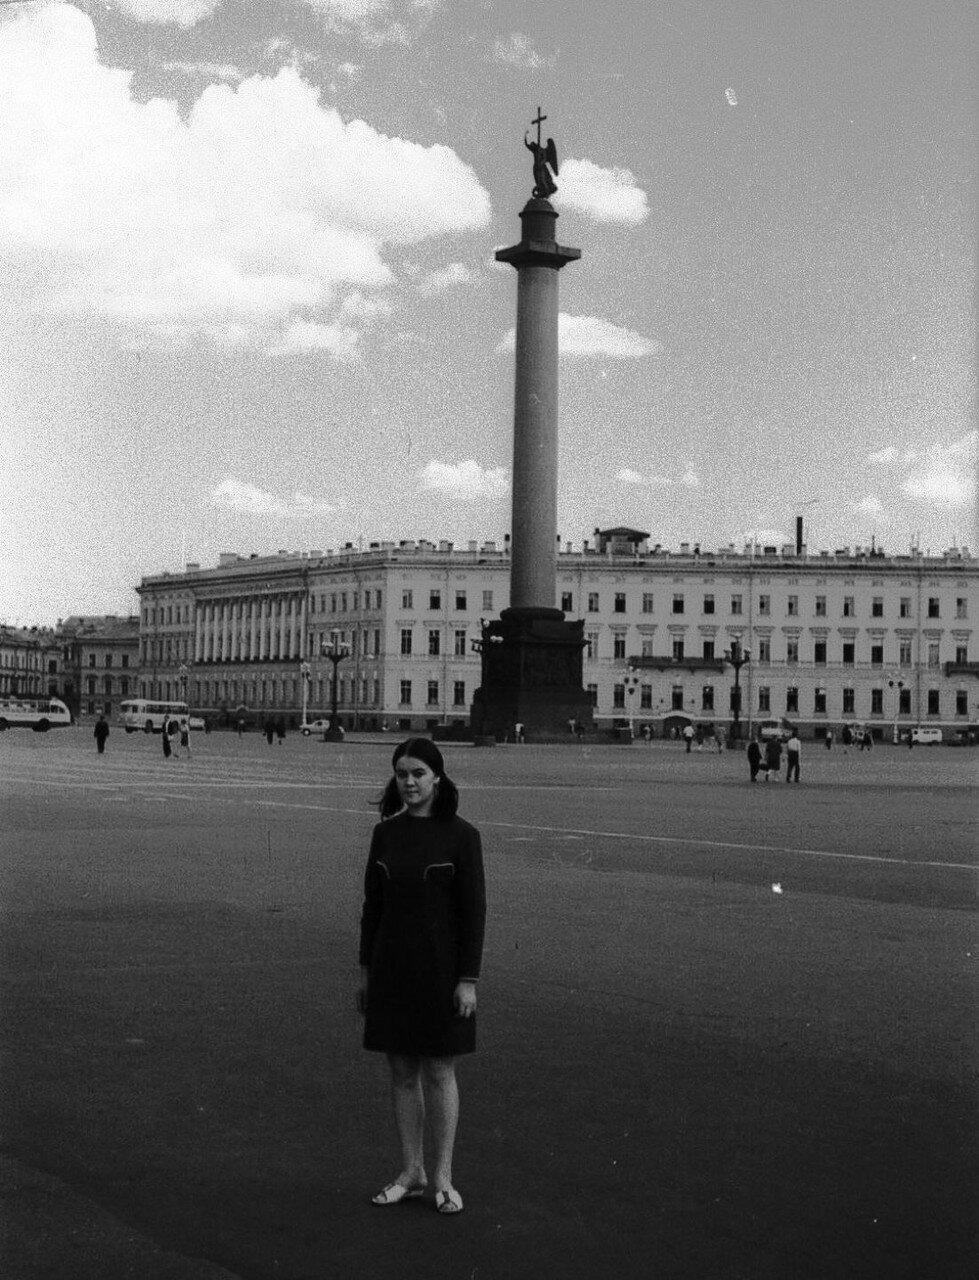 НАШ АДРЕС СОВЕТСКИЙ СОЮЗ. Ленинград, 70-е. Фото Николая Бродяного 002.jpg